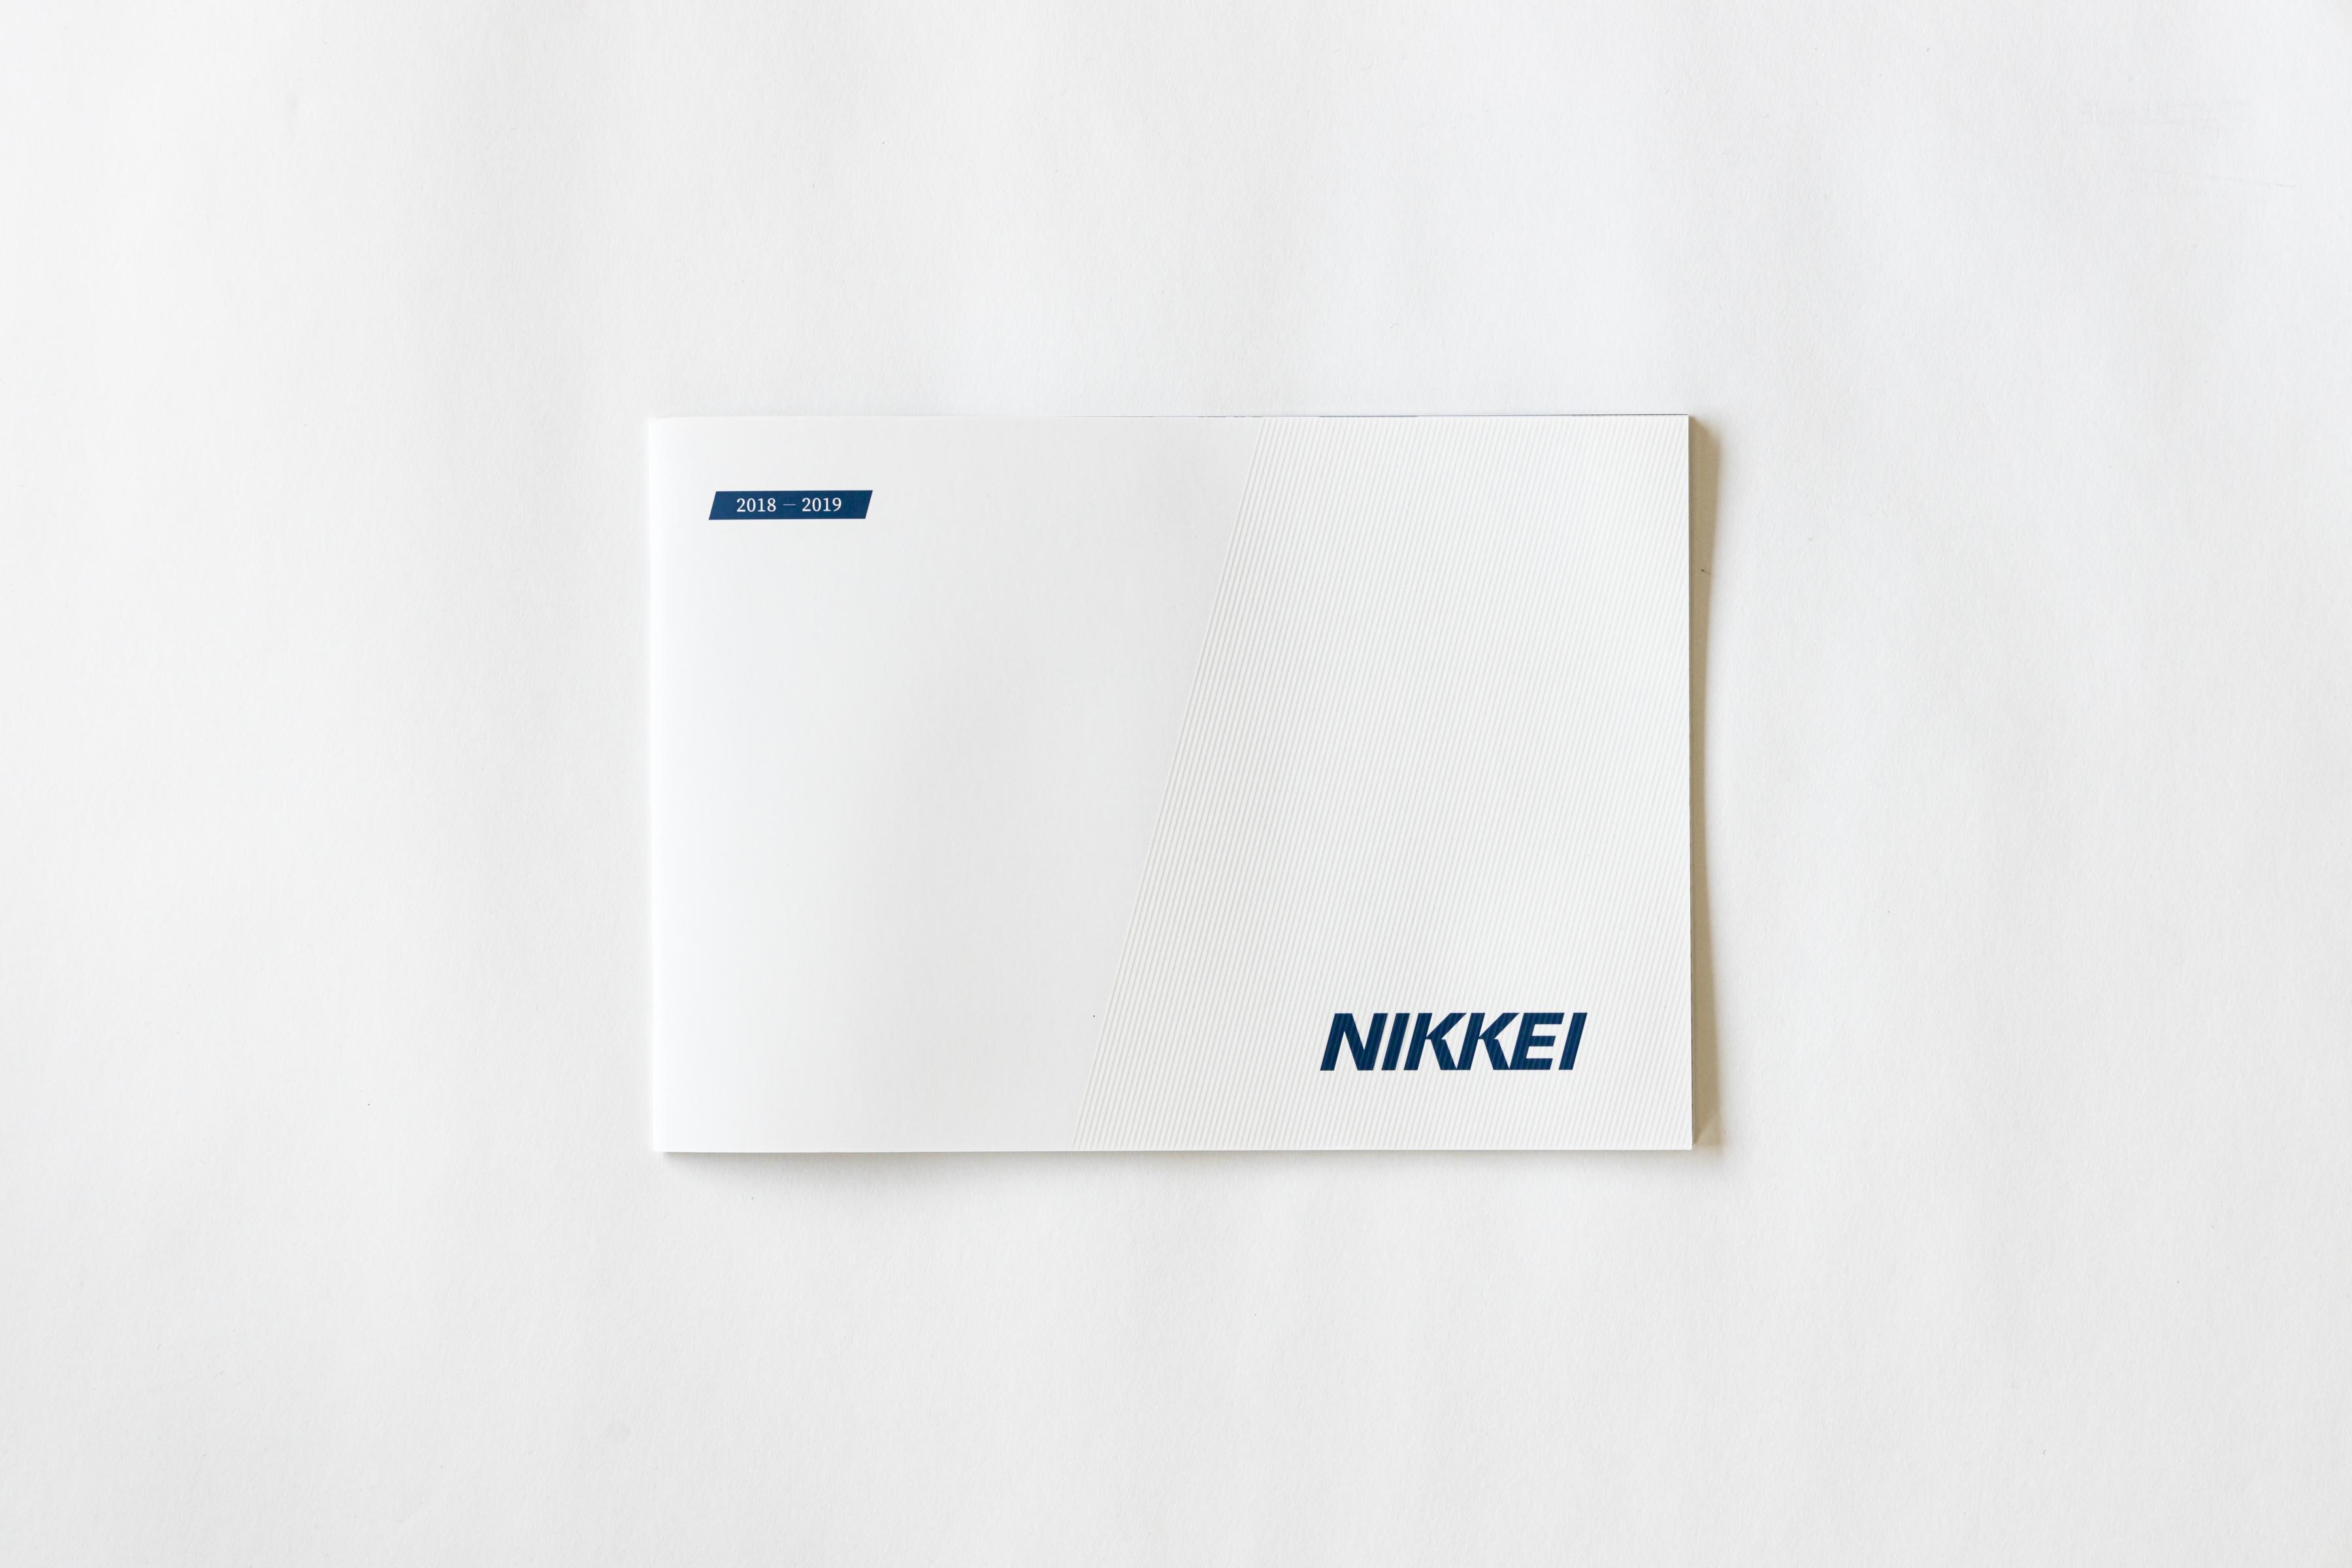 株式会社日本経済新聞社|コーポレートパンフレット